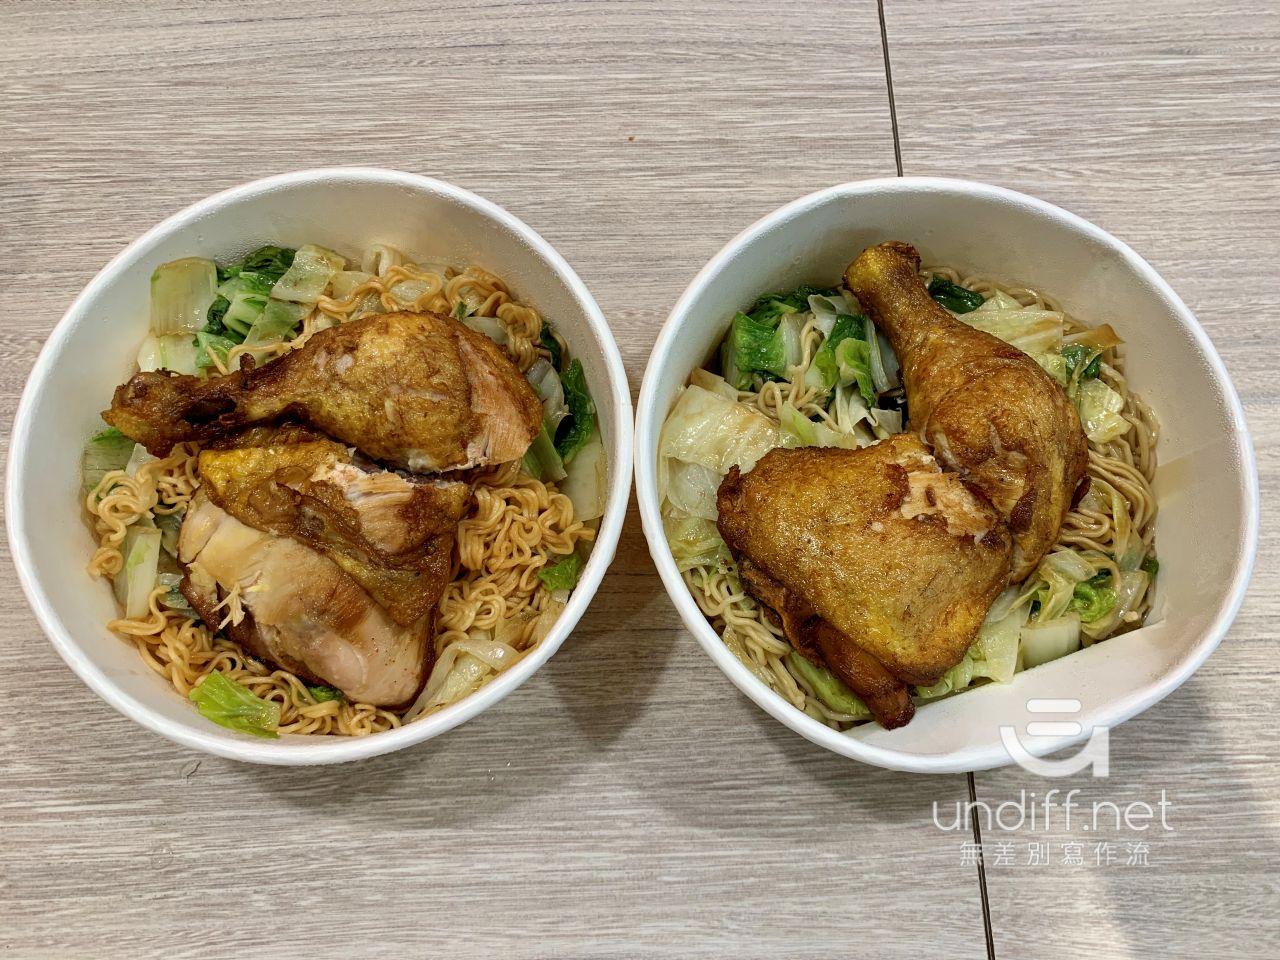 【內湖 訂便當日記】日嚐 Taste&Enjoy 南洋風味料理 52